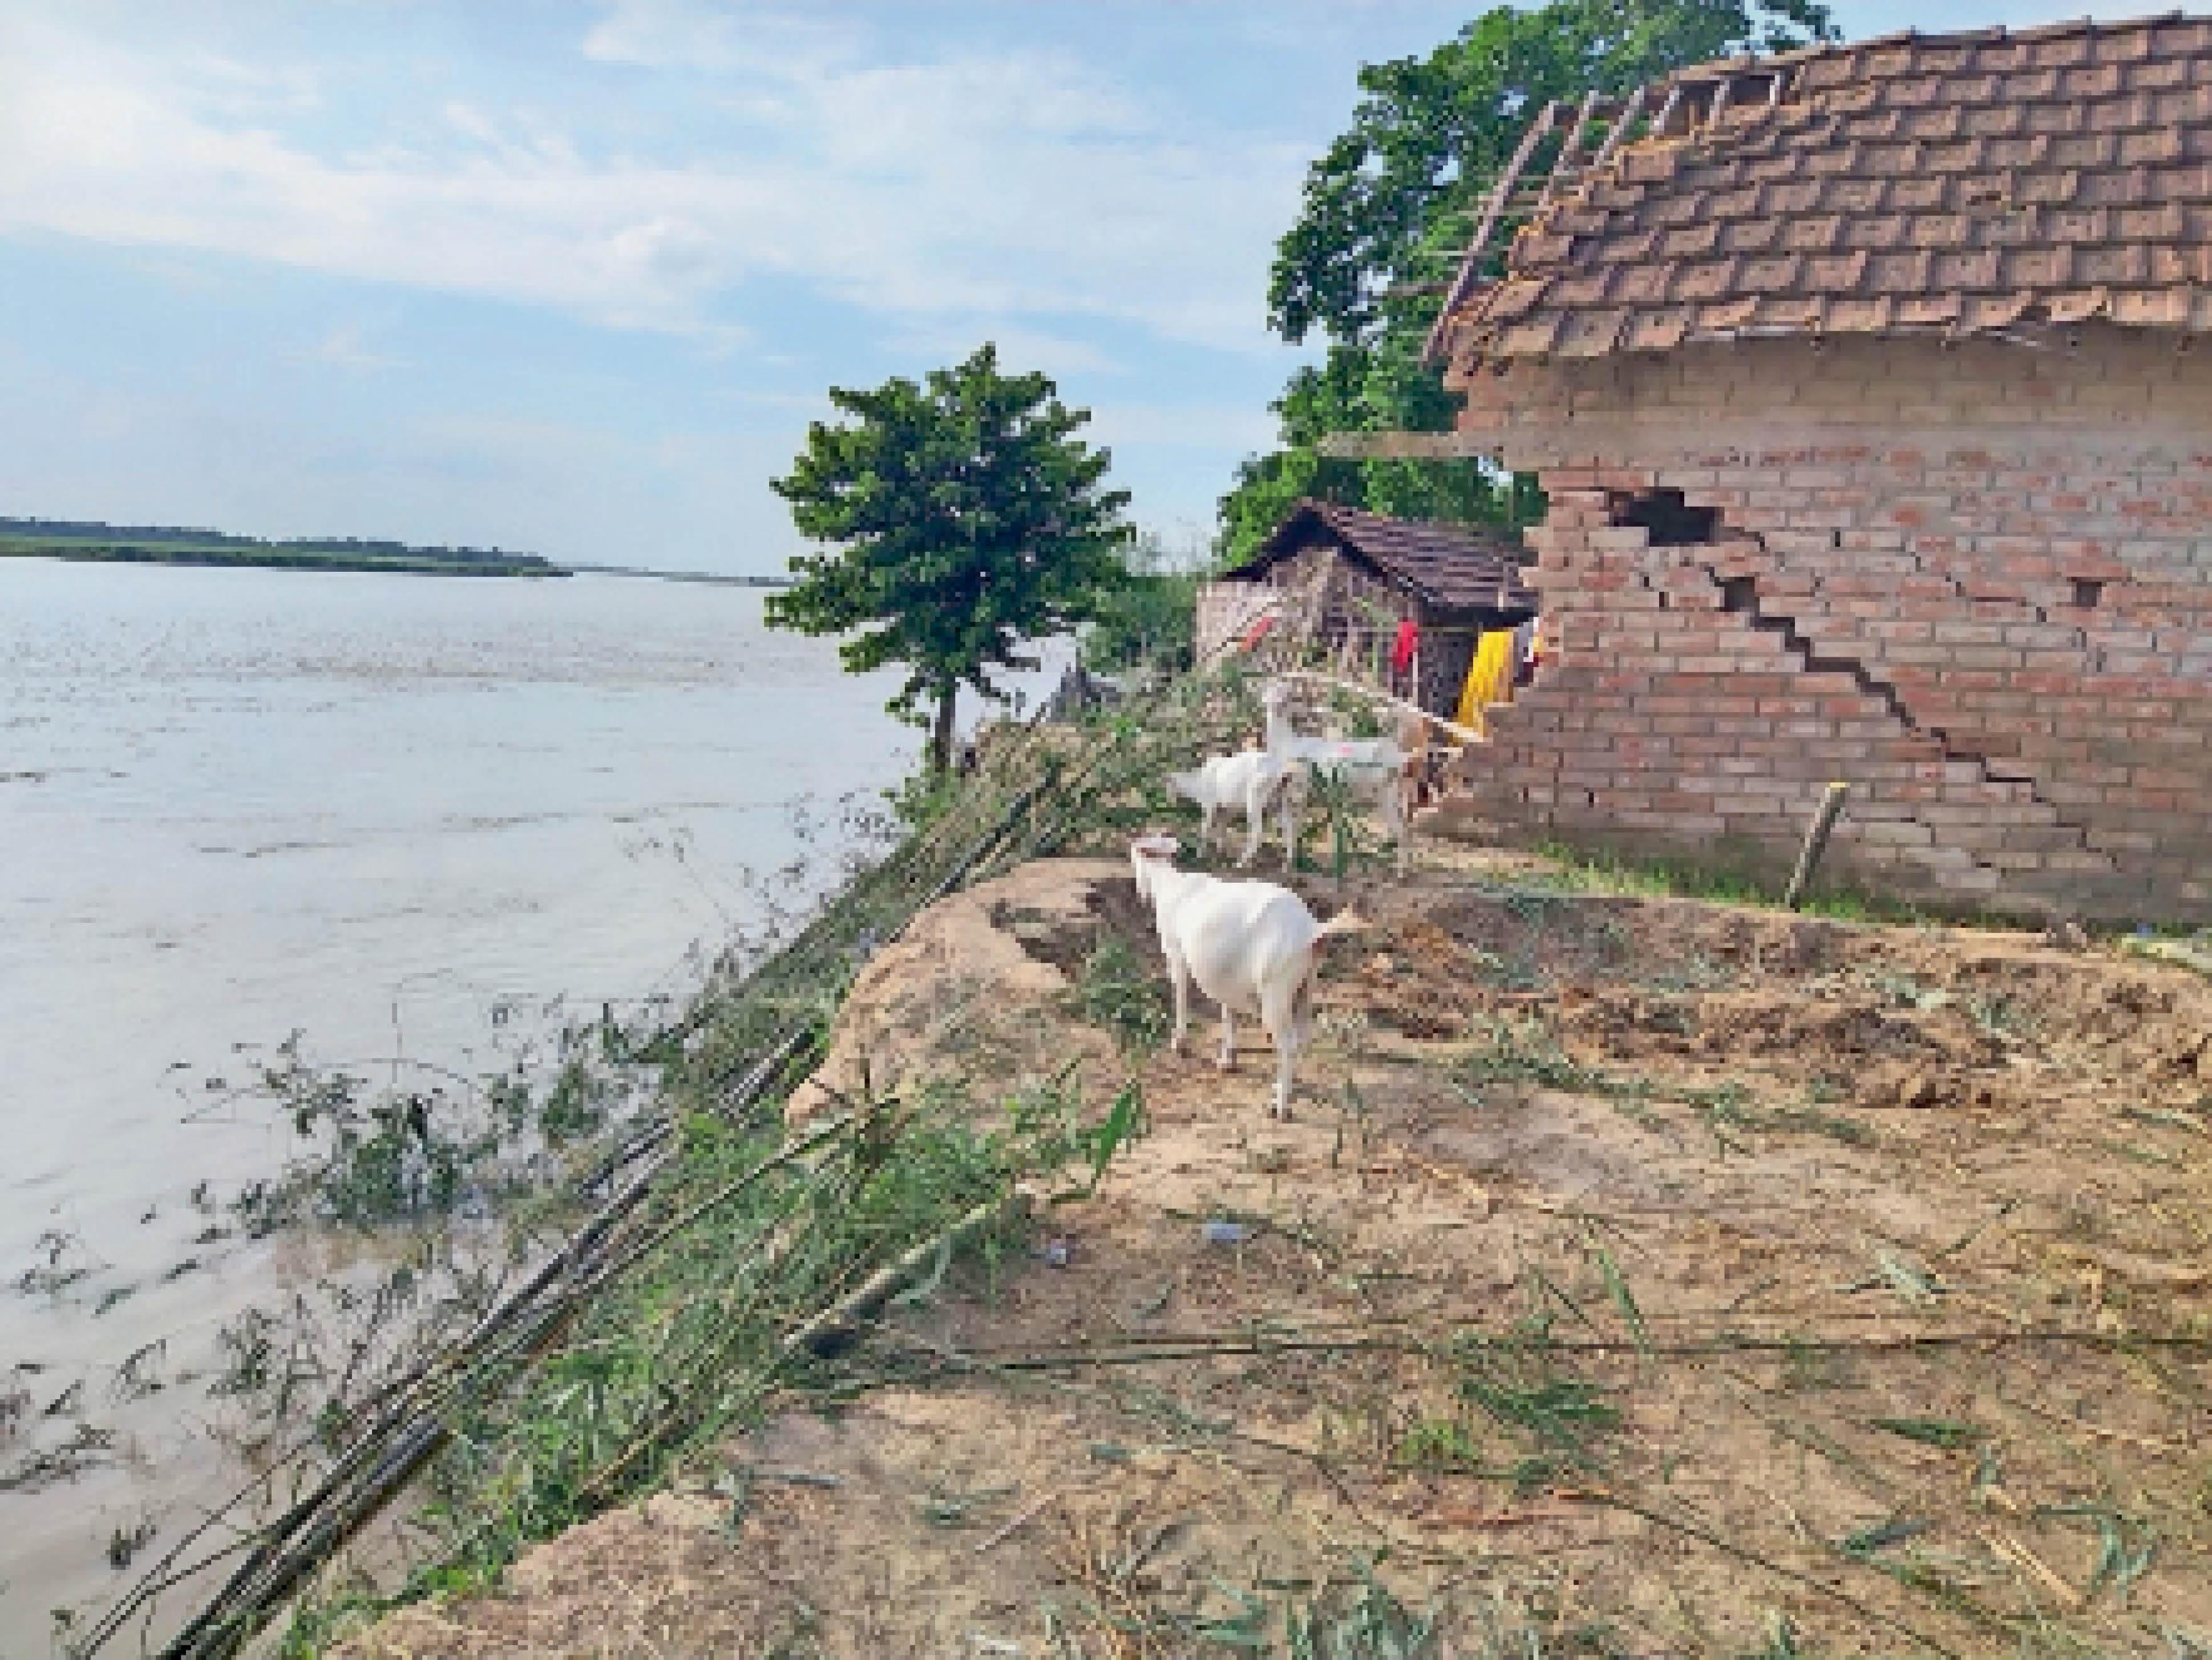 लखनपुर पंचायत वार्ड-9 हाट खोला गांव में महानंदा नदी की जद में घर, जो कभी भी हो सकता है विलीन, इधर शिकारपुर के माहीनगर वार्ड-2 में घर तोड़ ले गए लोग। - Dainik Bhaskar